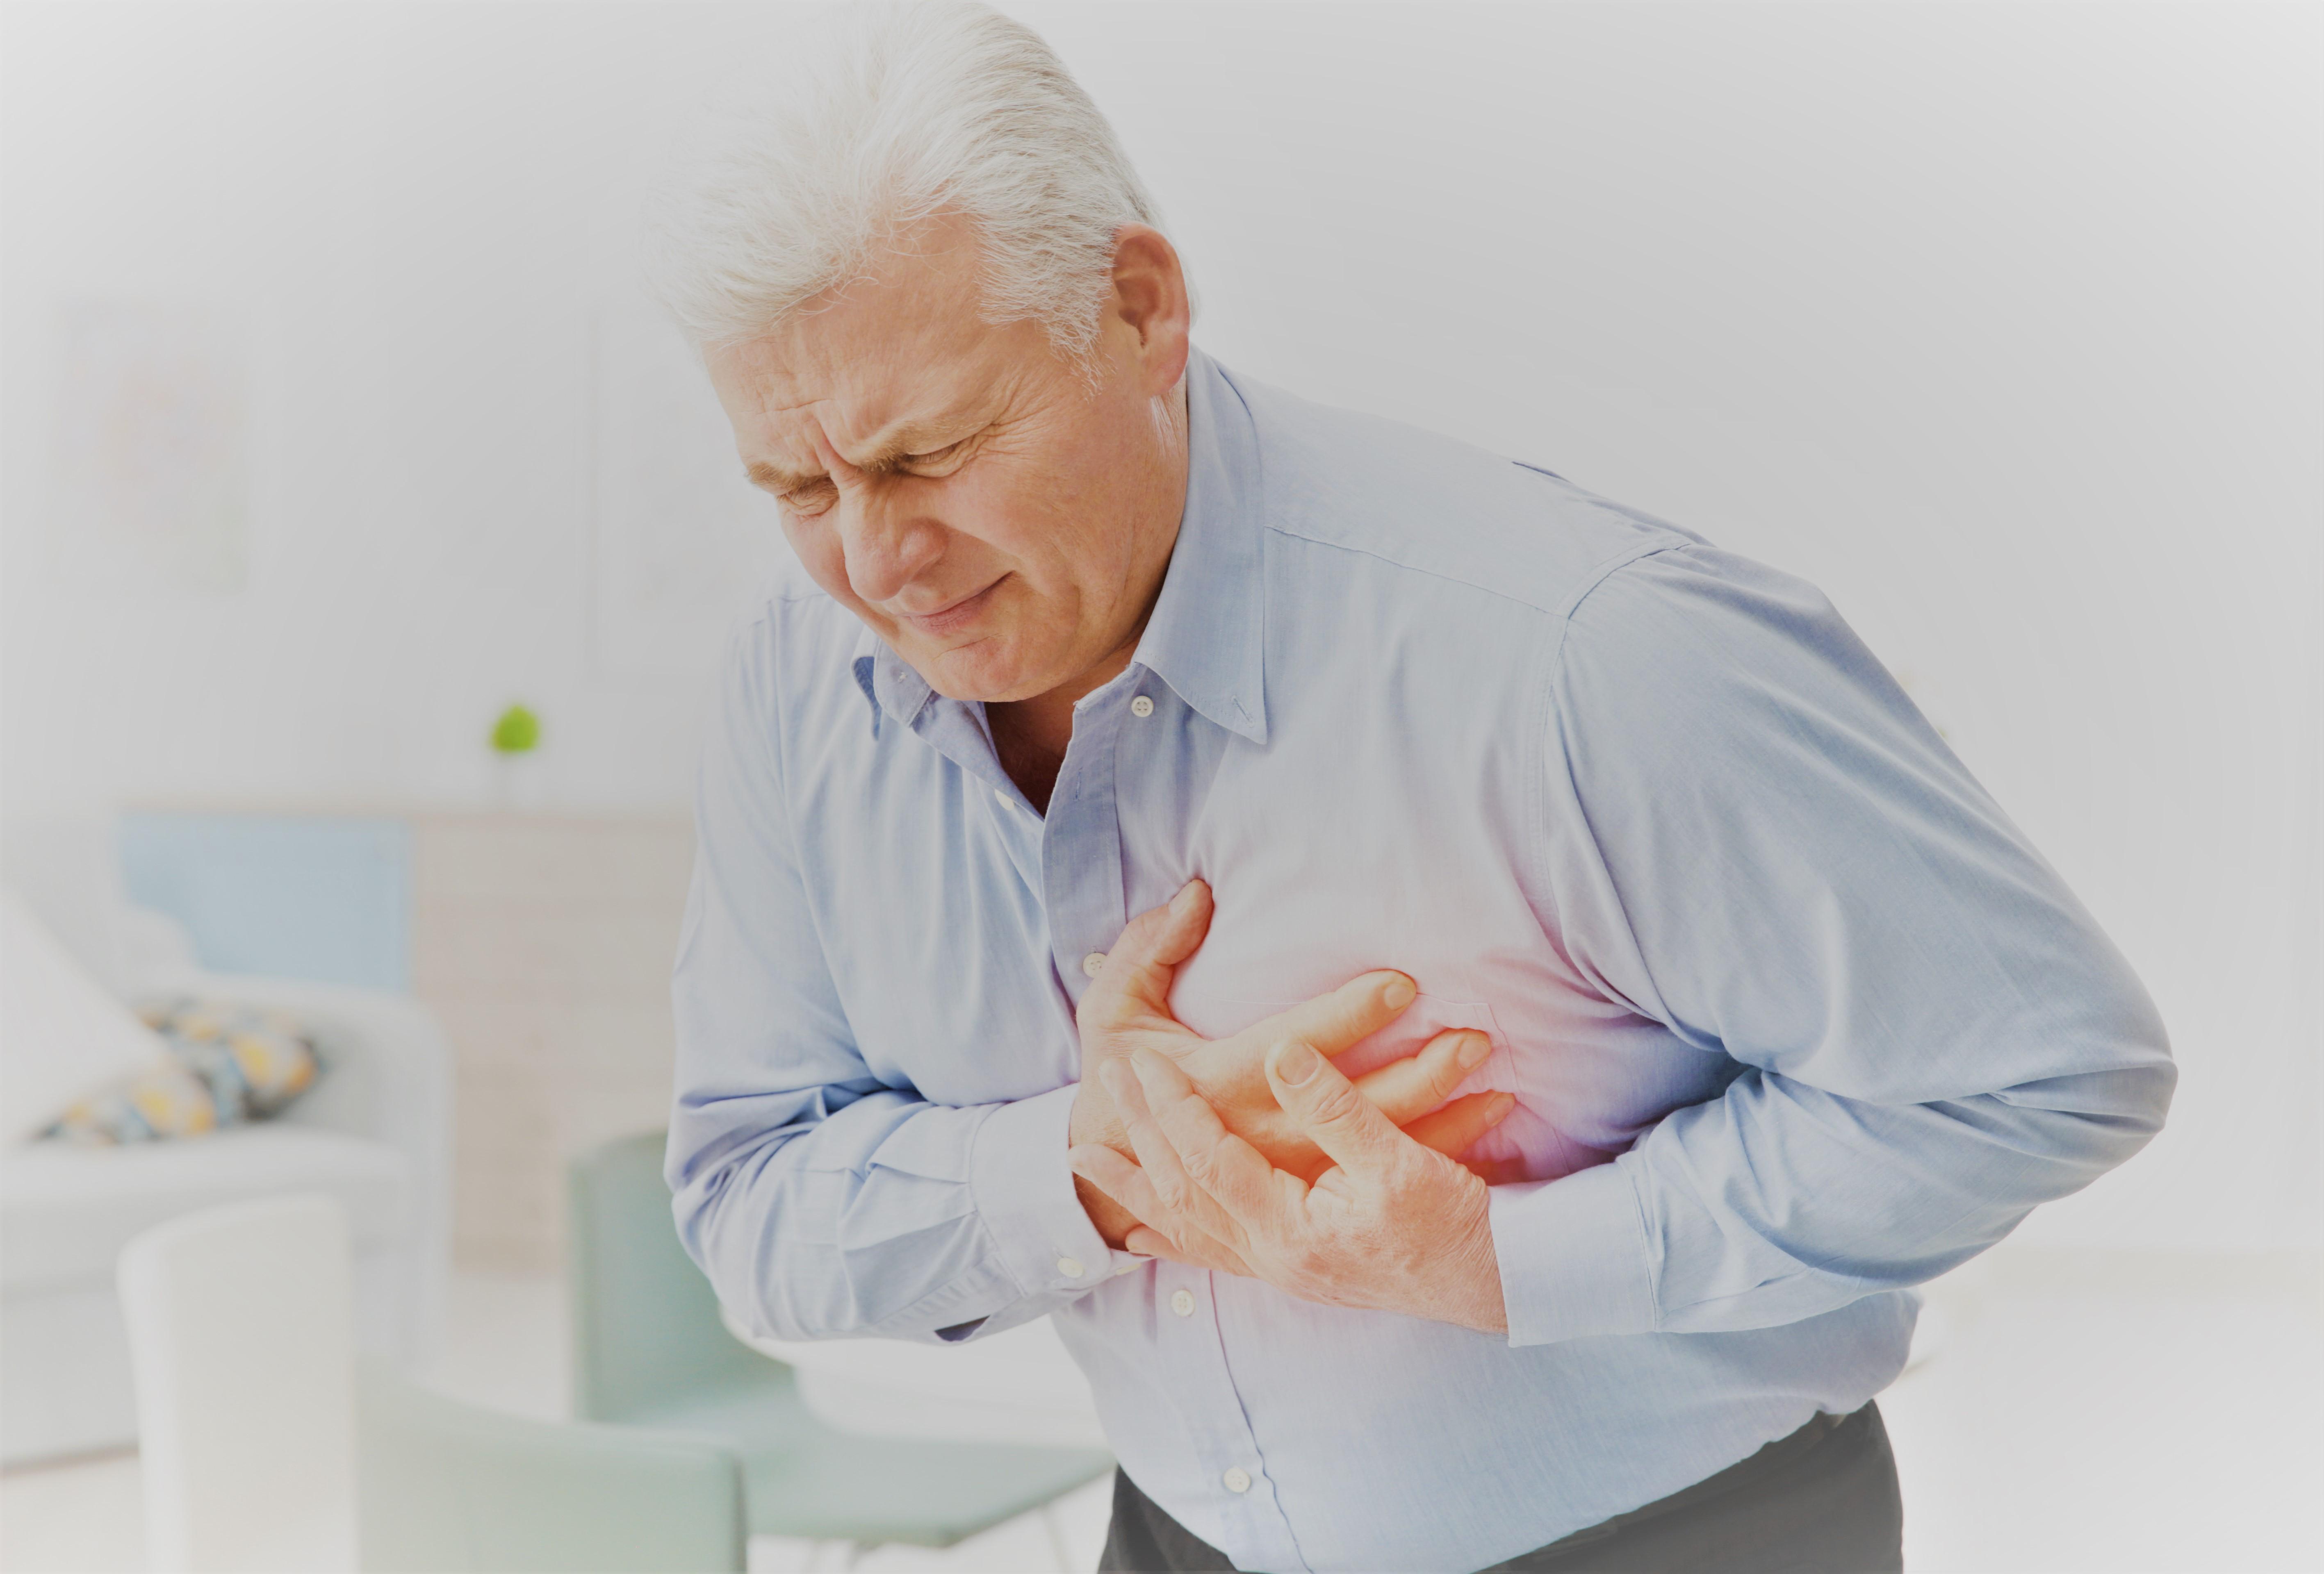 égő érzés magas vérnyomás esetén mi az örökletes hipertónia